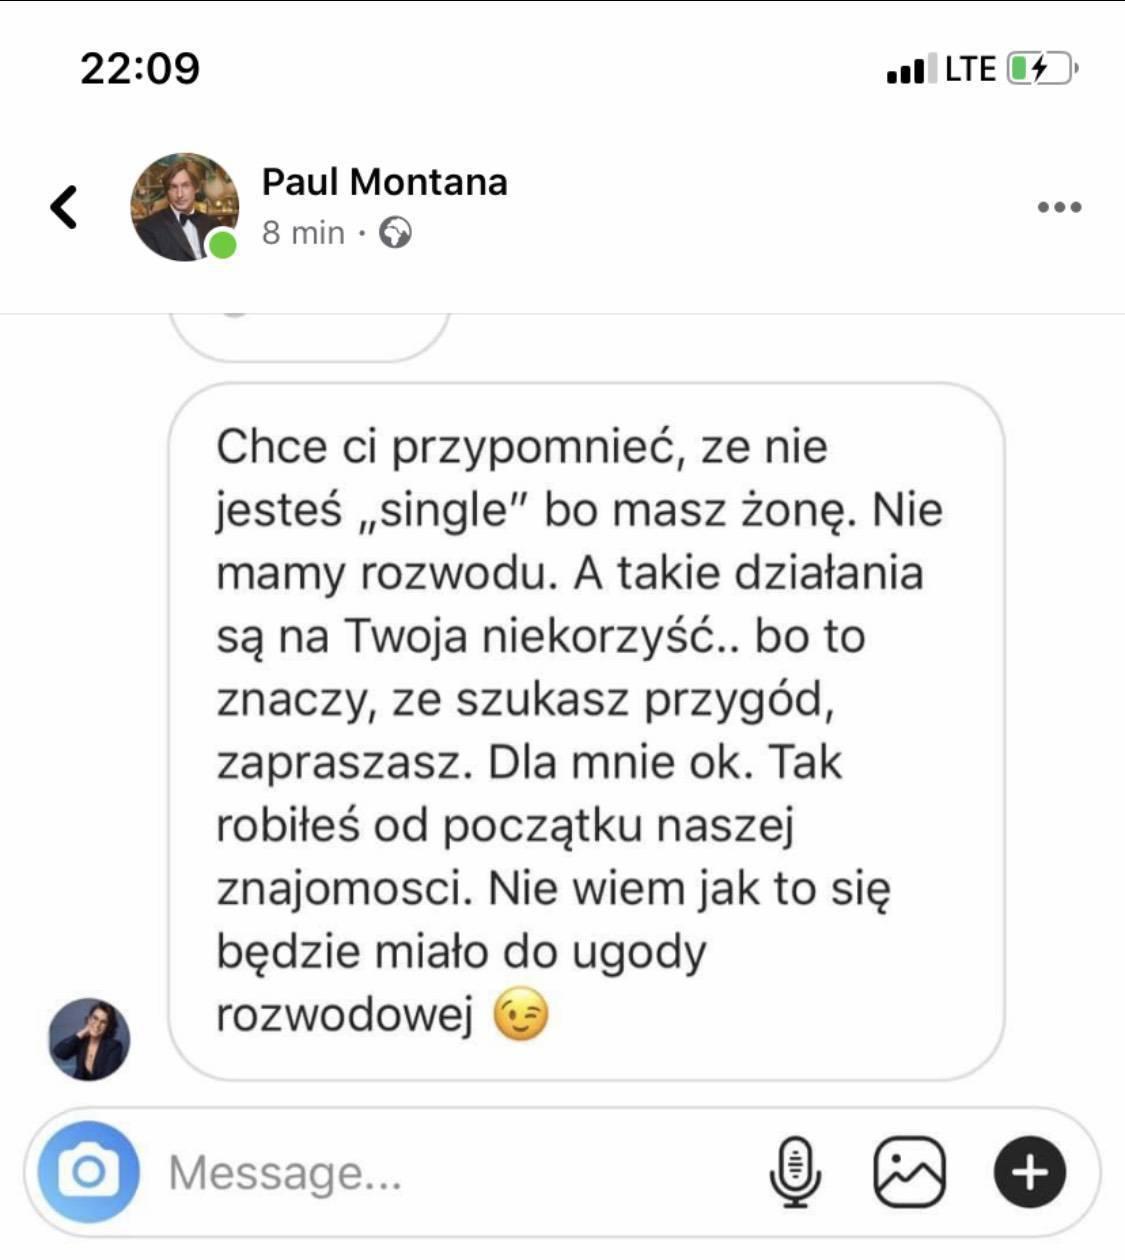 Paul Montana upublicznił wiadomość od Ilony Felicjańskiej